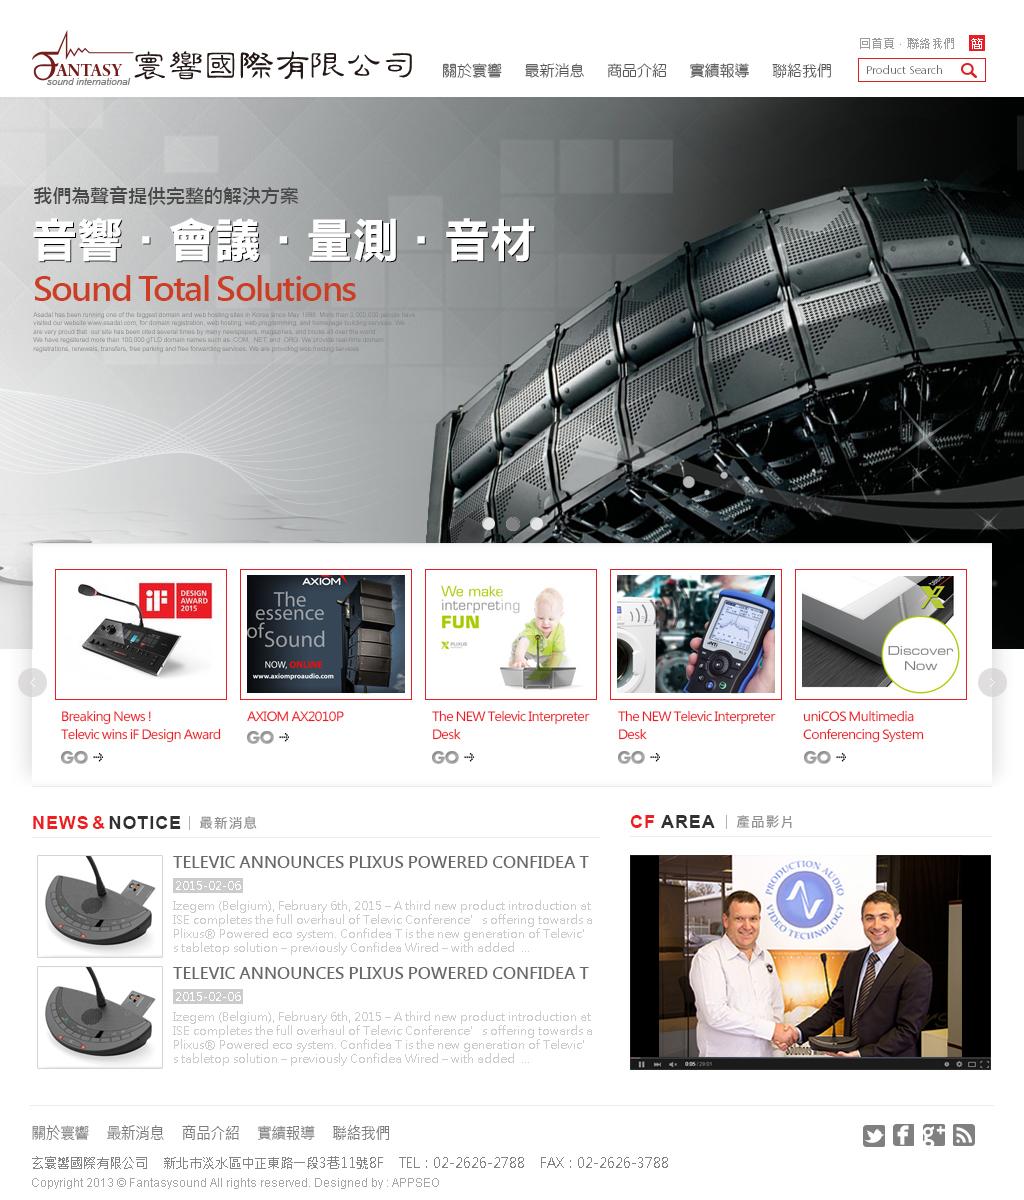 寰響國際有限公司-台中網 頁設 計蘋果-網頁設計+關鍵字保證第一頁29999元